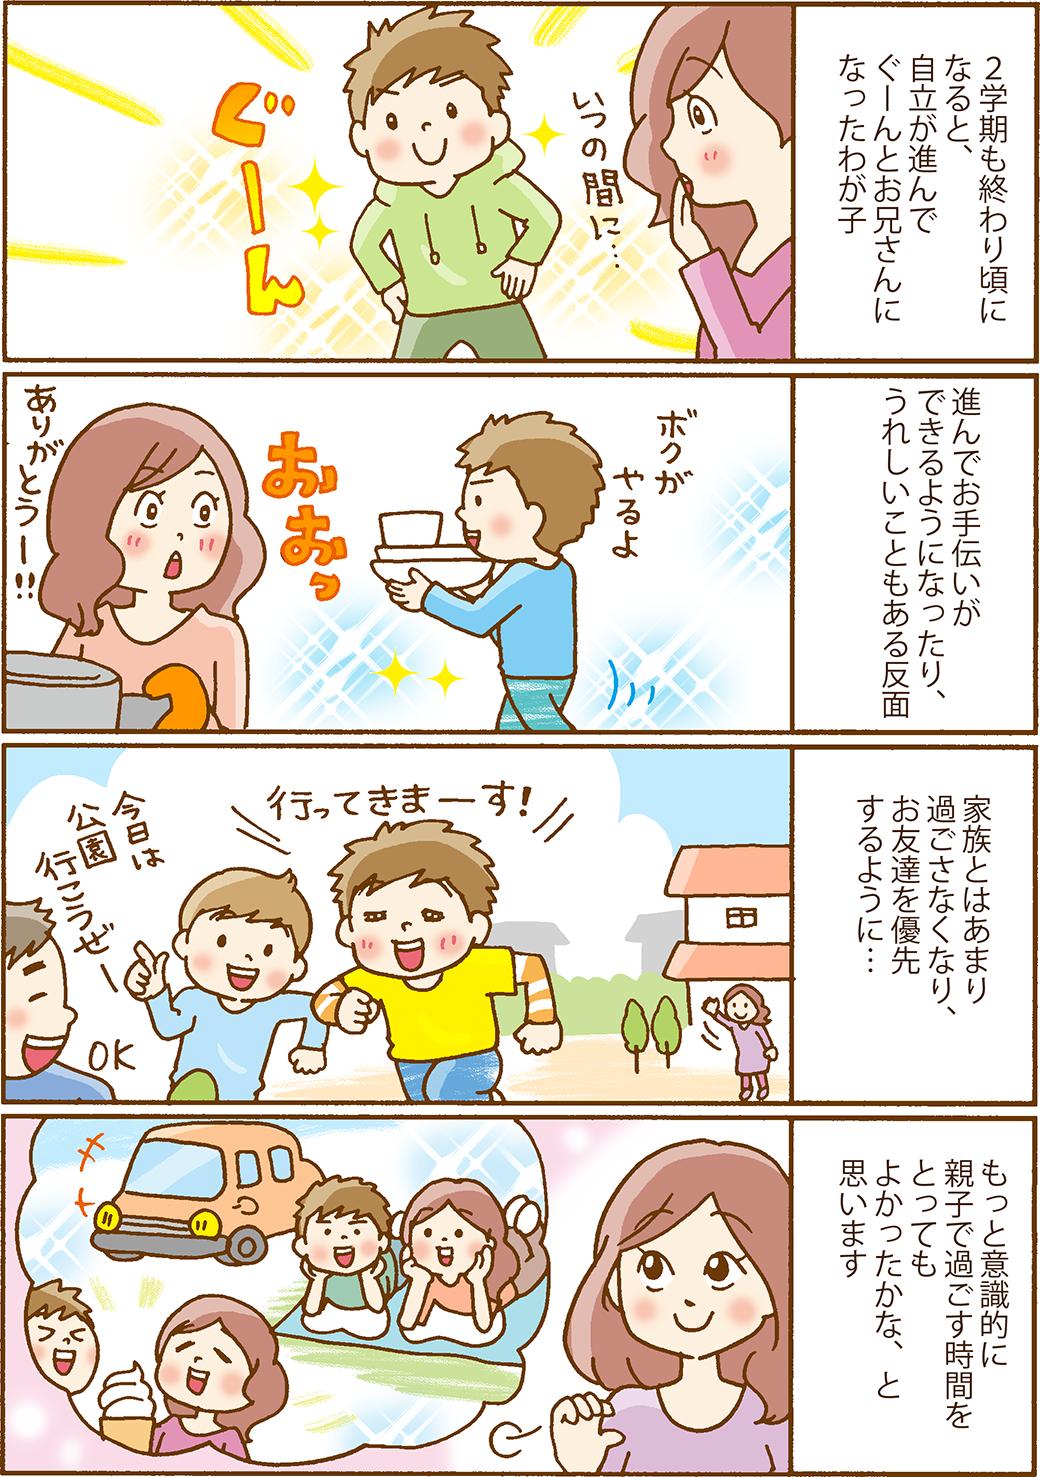 https://blog.benesse.ne.jp/zemihogo/sho/41cd4295d6b88030bf0fd4463e3eaf69e8256b1b.png